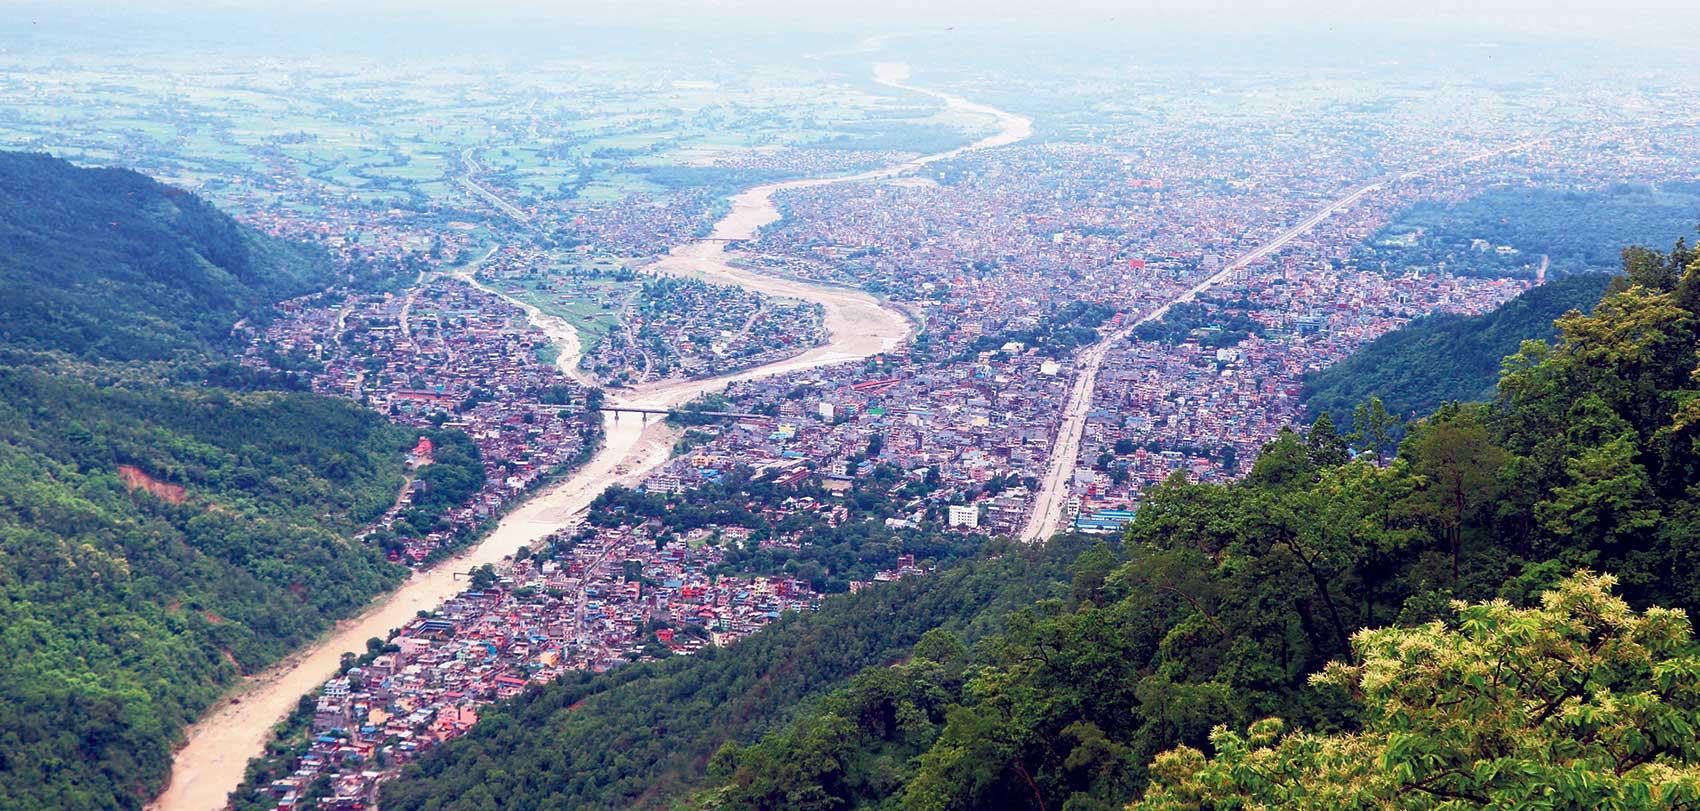 लुम्बिनी प्रदेशमा रुपन्देही,दाङ र बाँकेमा गरी तीन वटा महानगर